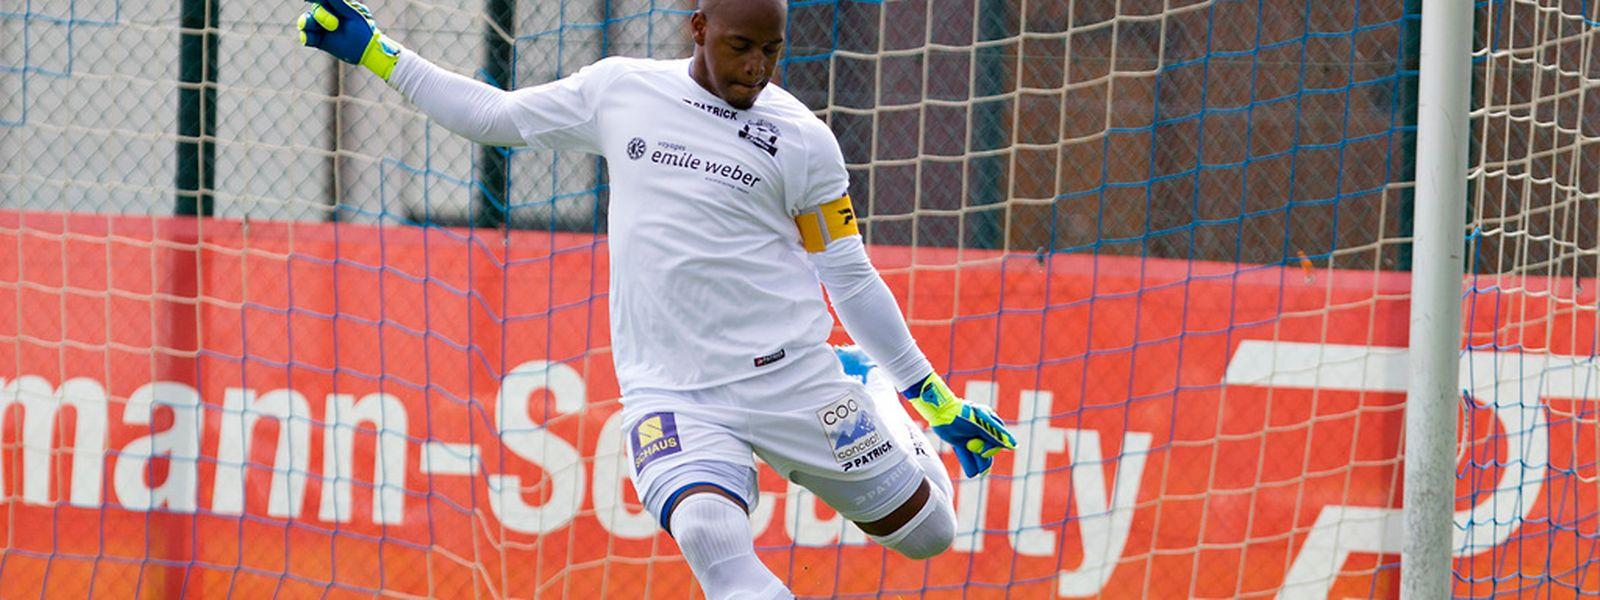 Jailson Moreira, qui dispute sa 4e saison sous les couleurs de Canach, espère que ses équipiers vont retrouver leur efficacité devant le but.